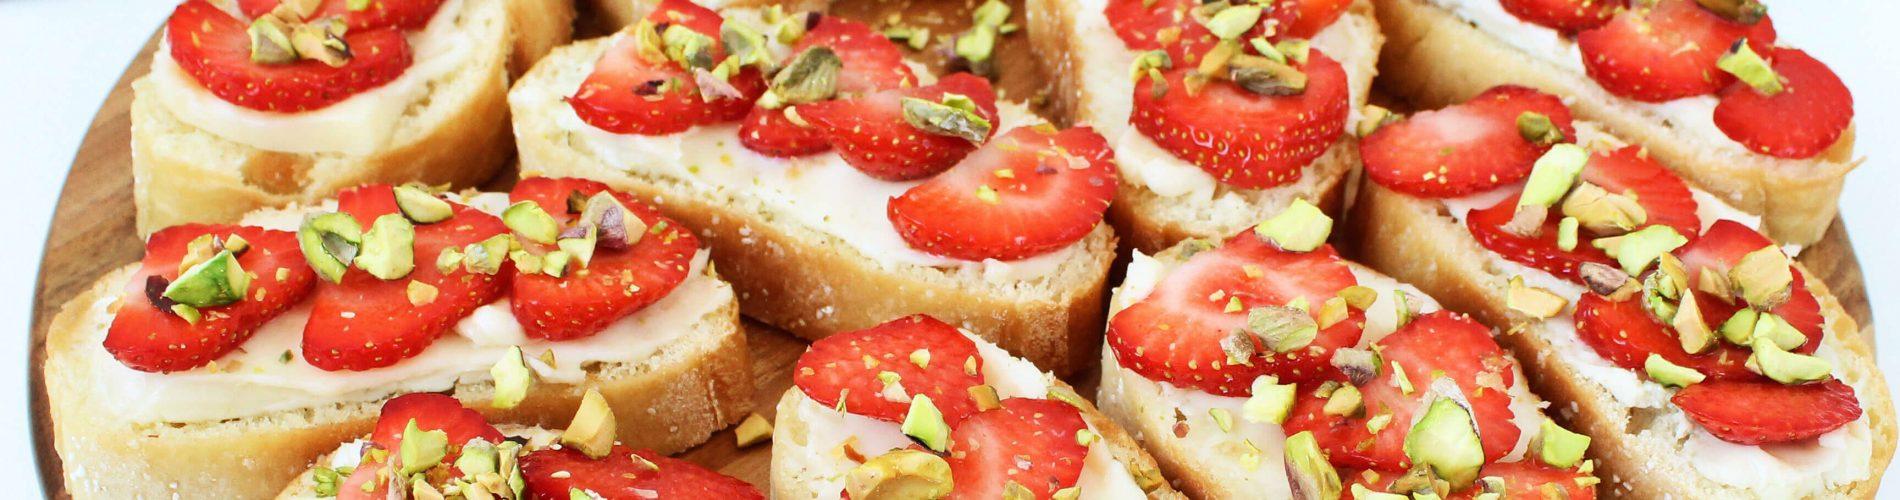 Bruschetta met blauwe kaas en aardbeien